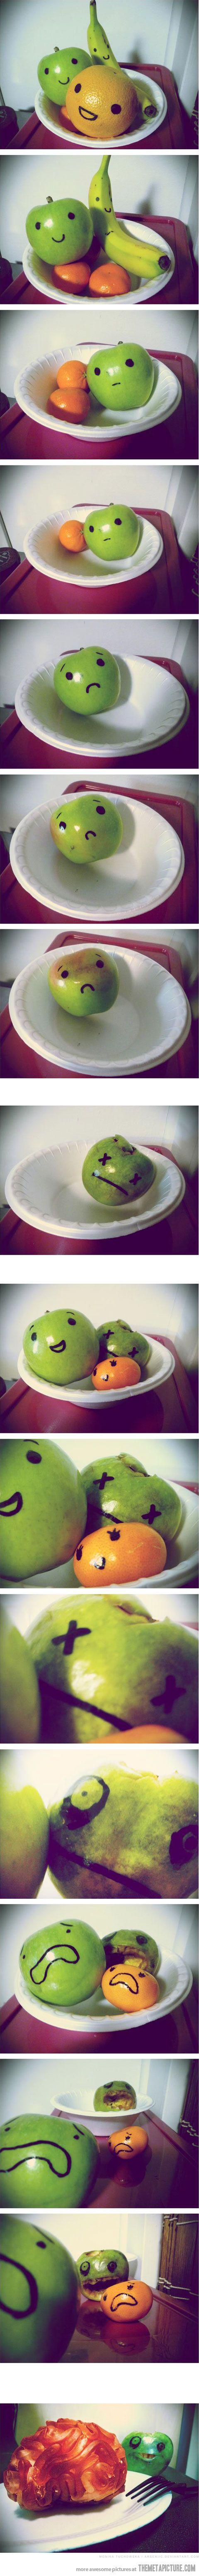 A Fruit Story